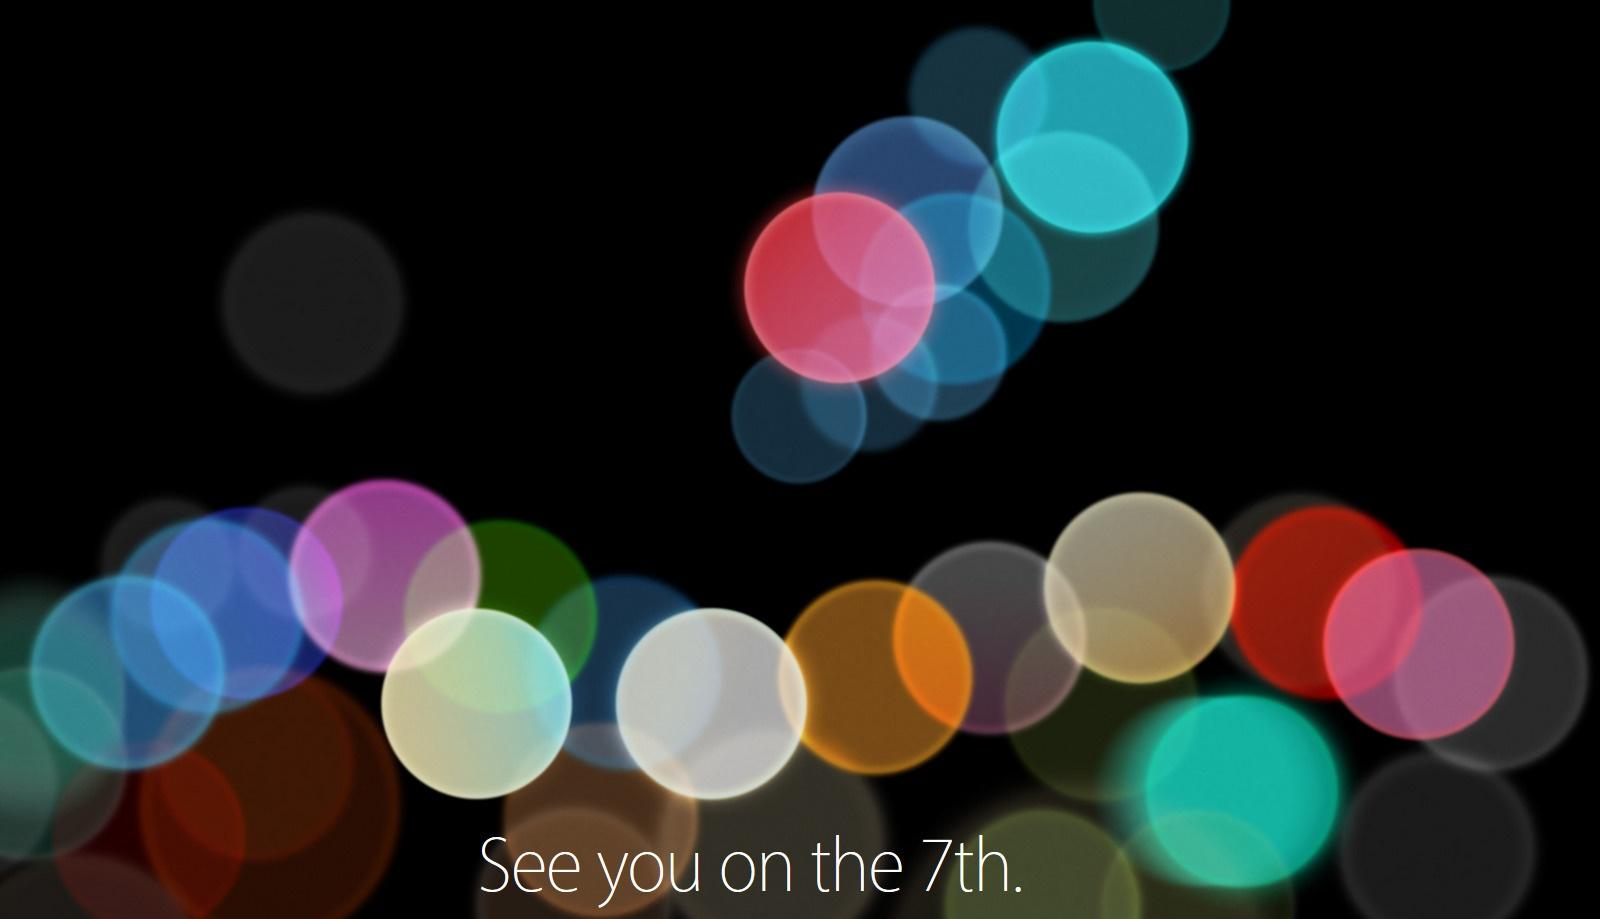 Сегодня презентация Apple: чего ожидать - 1